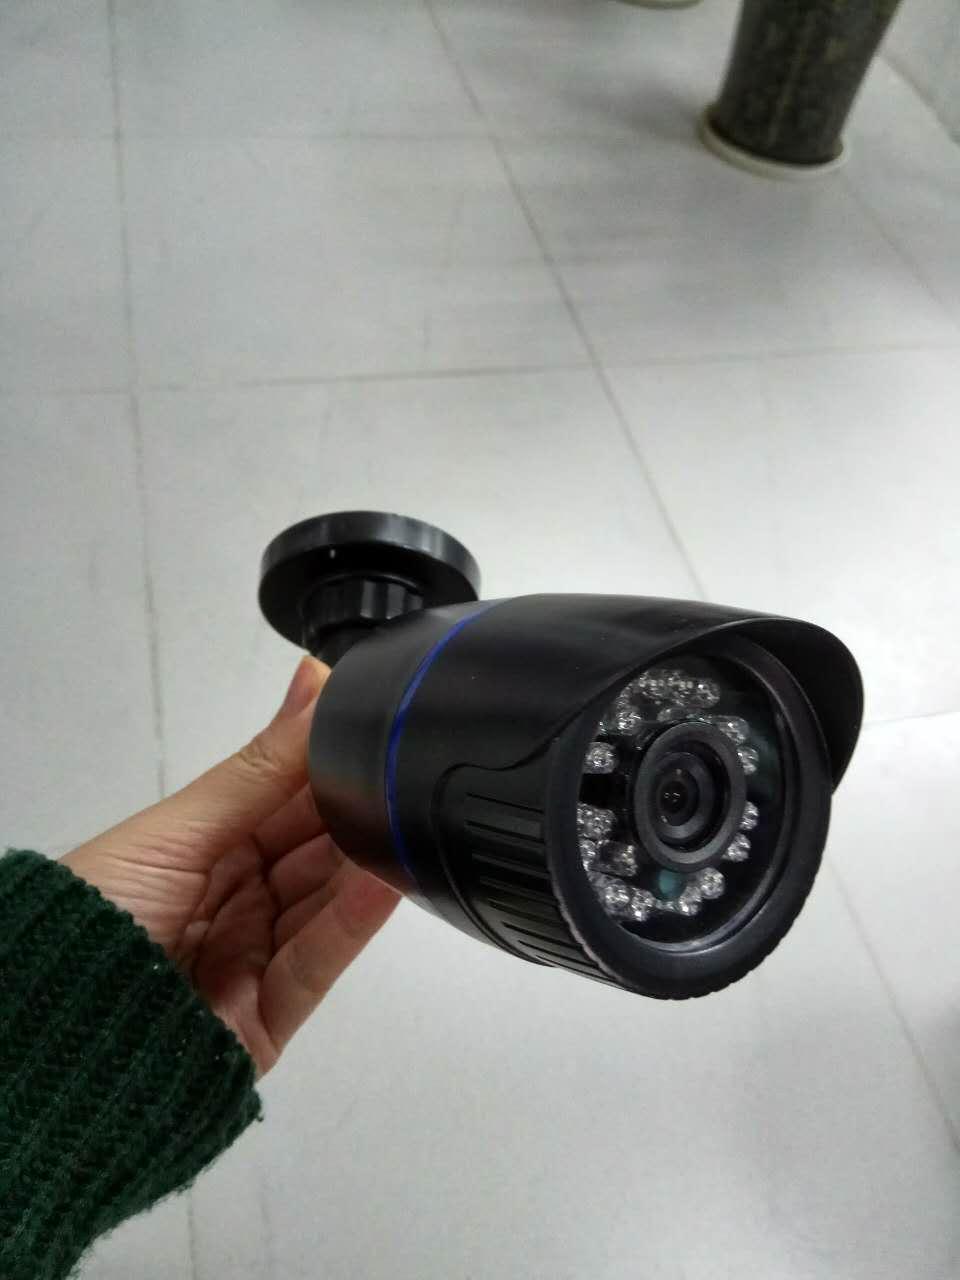 Techage-1-4-720P-1200TVL-IP-Camera-P2P-HD-1-0MP-IP-Cam-IR-Night-Vision